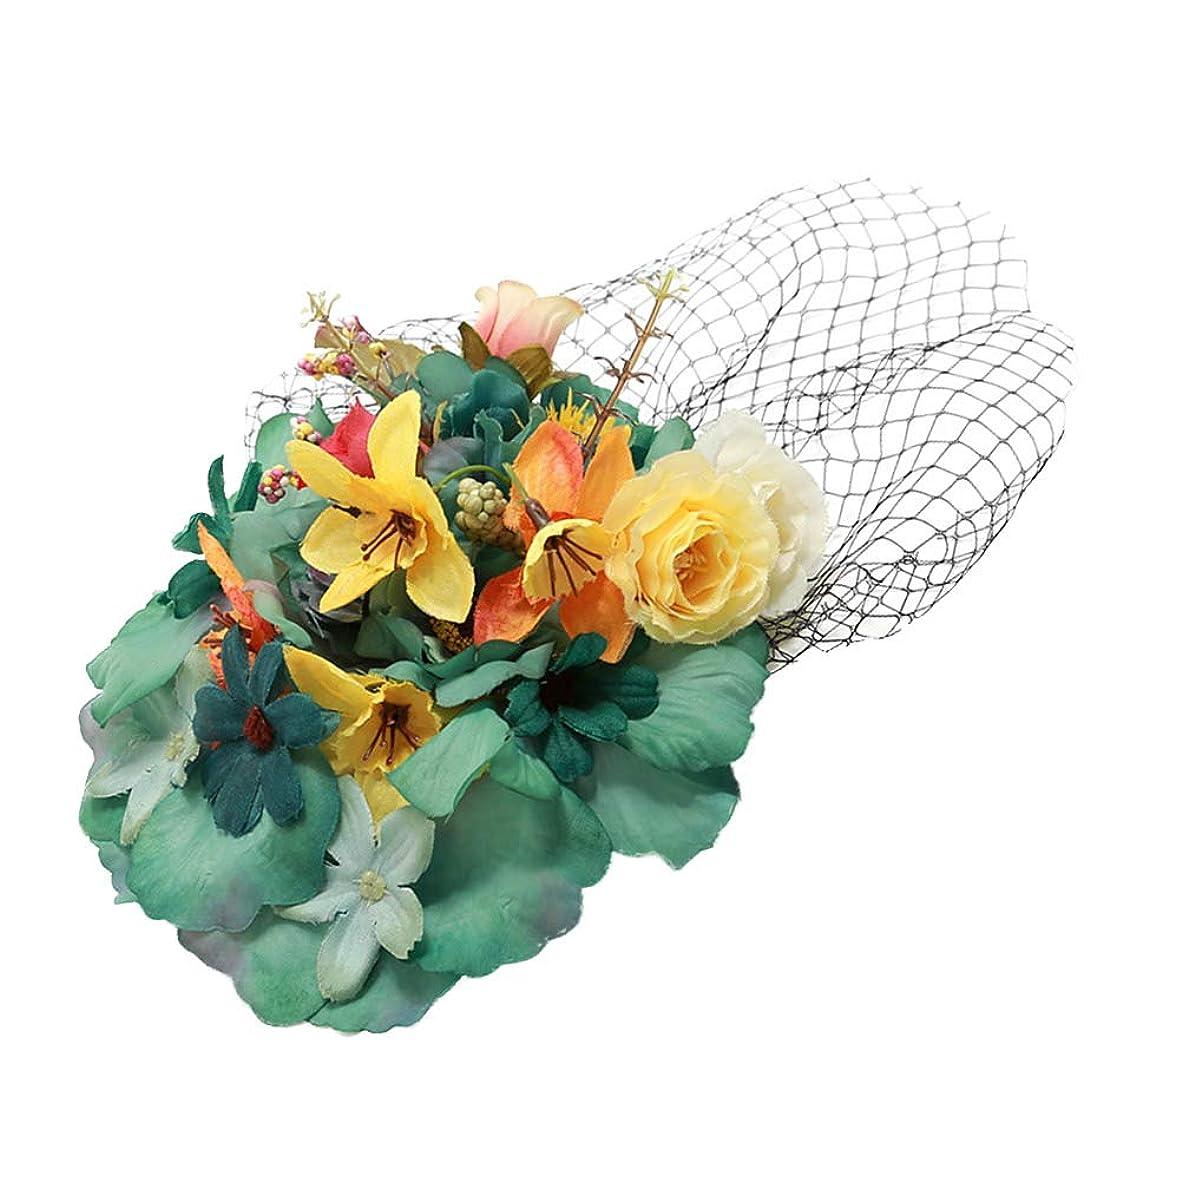 飲食店アーティキュレーションオセアニアLurroseレトロガーゼヘアピン模造フラワーシェイプヘアクリップバレッタ帽子ヘアアクセサリー用女性女性grils